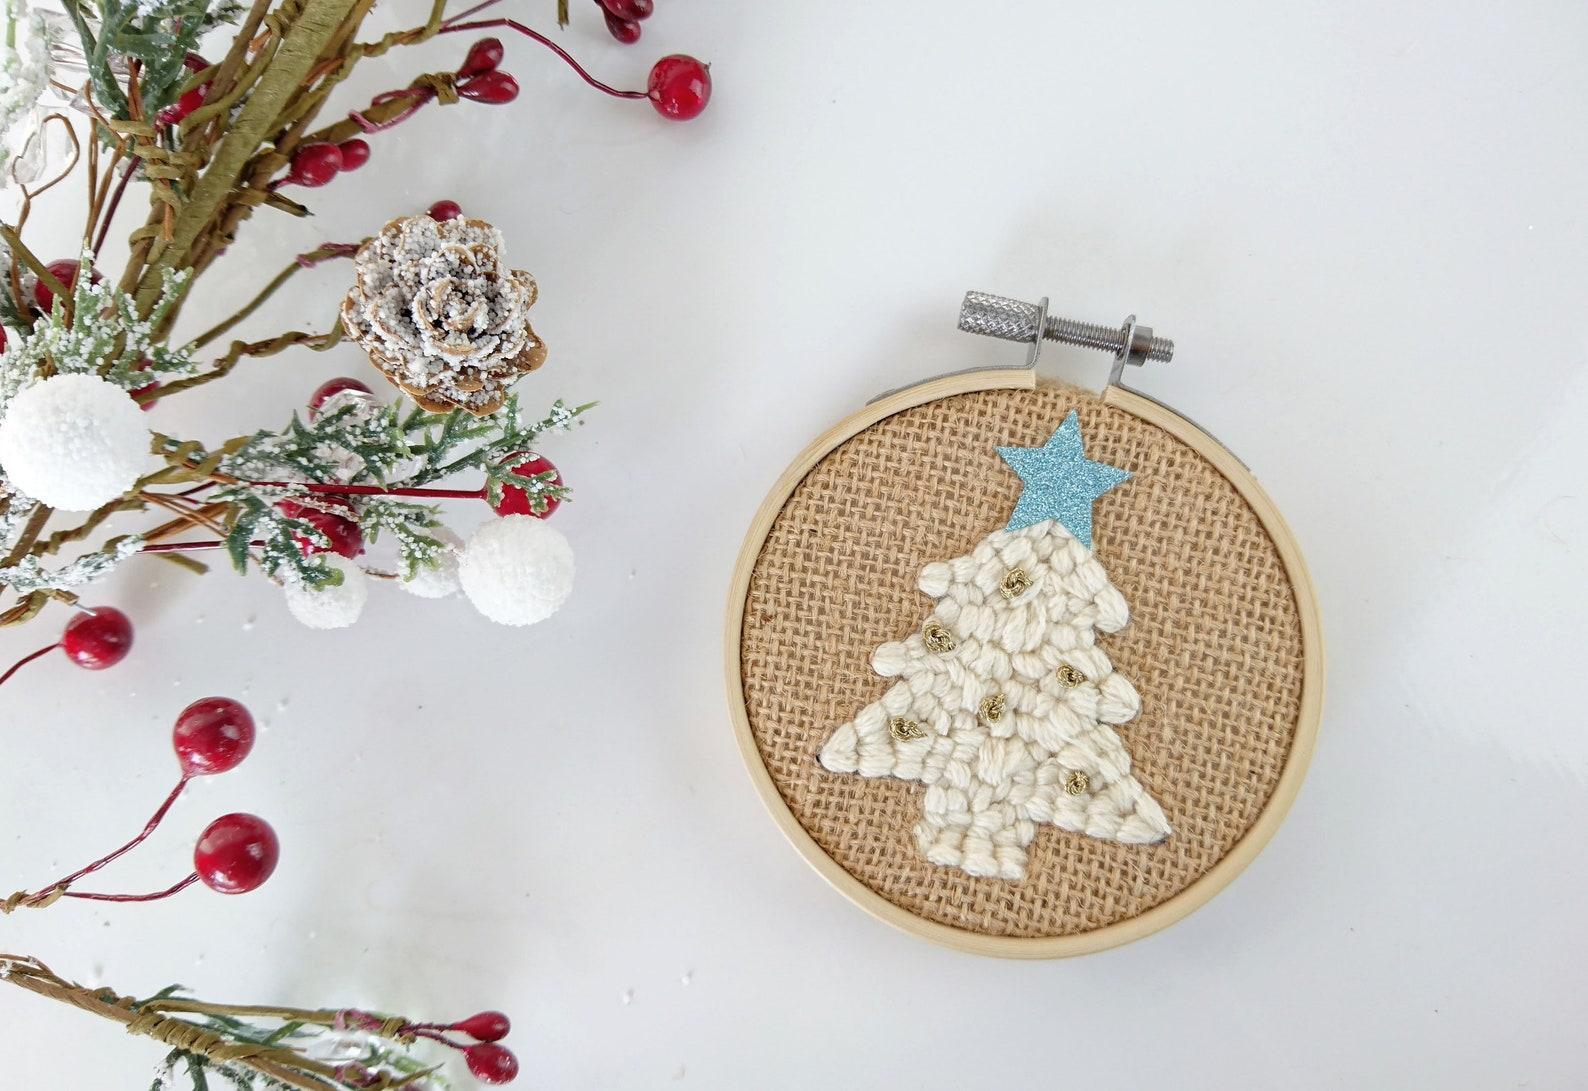 Suspension pour le sapin de Noël en Punch needle. Déco Noël. Décoration murale. Christmas decor. Tambour en broderie. Cadeau noel - La minute déco